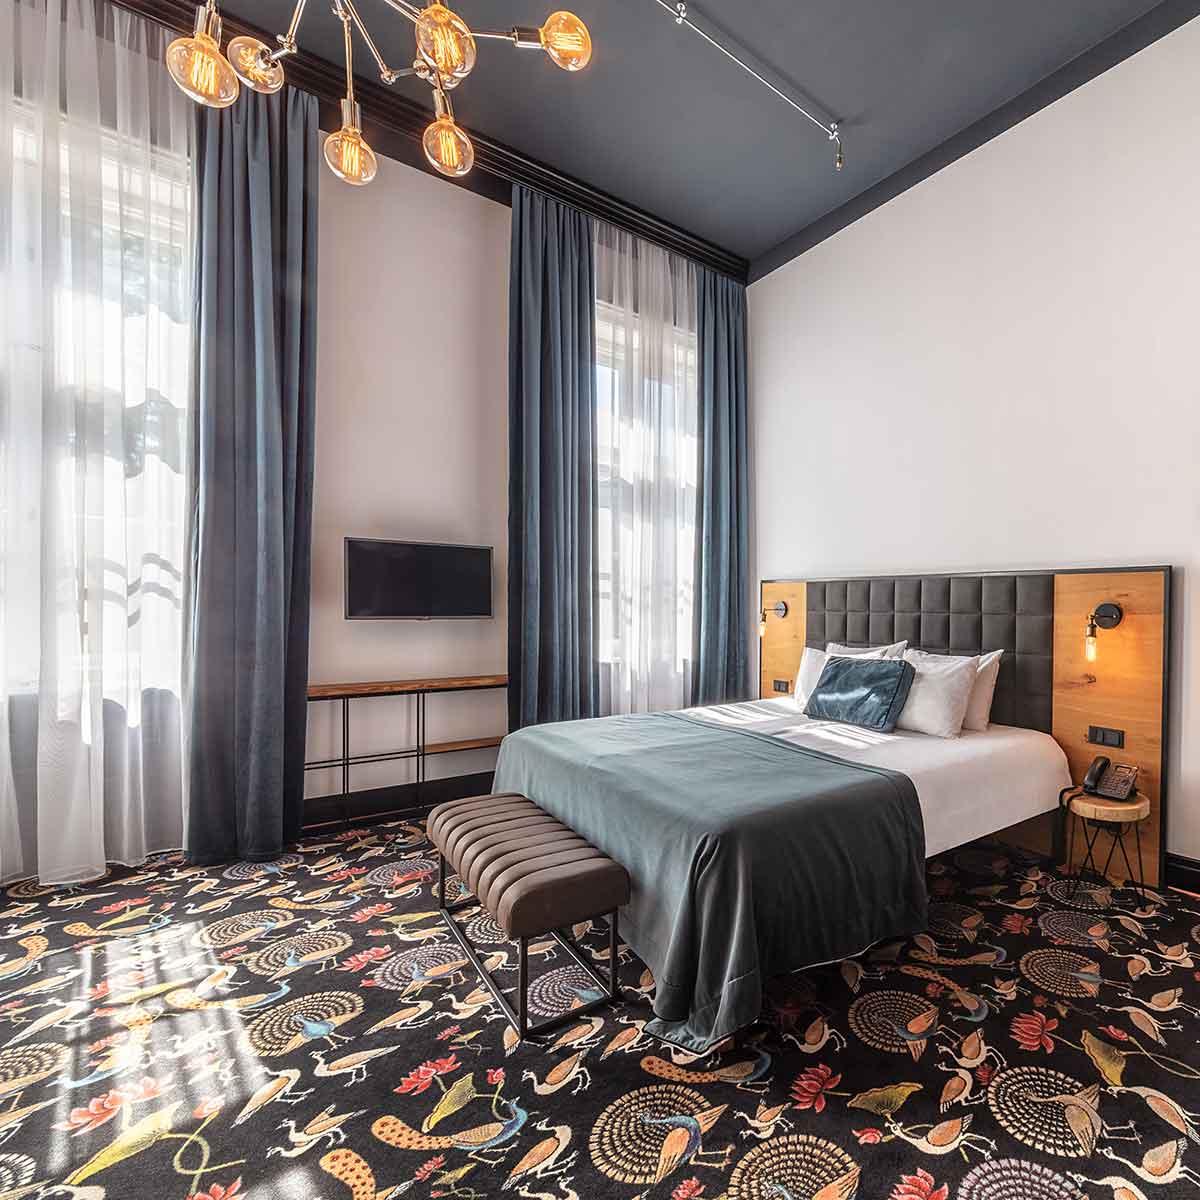 Magyarországi szállodai követelmények